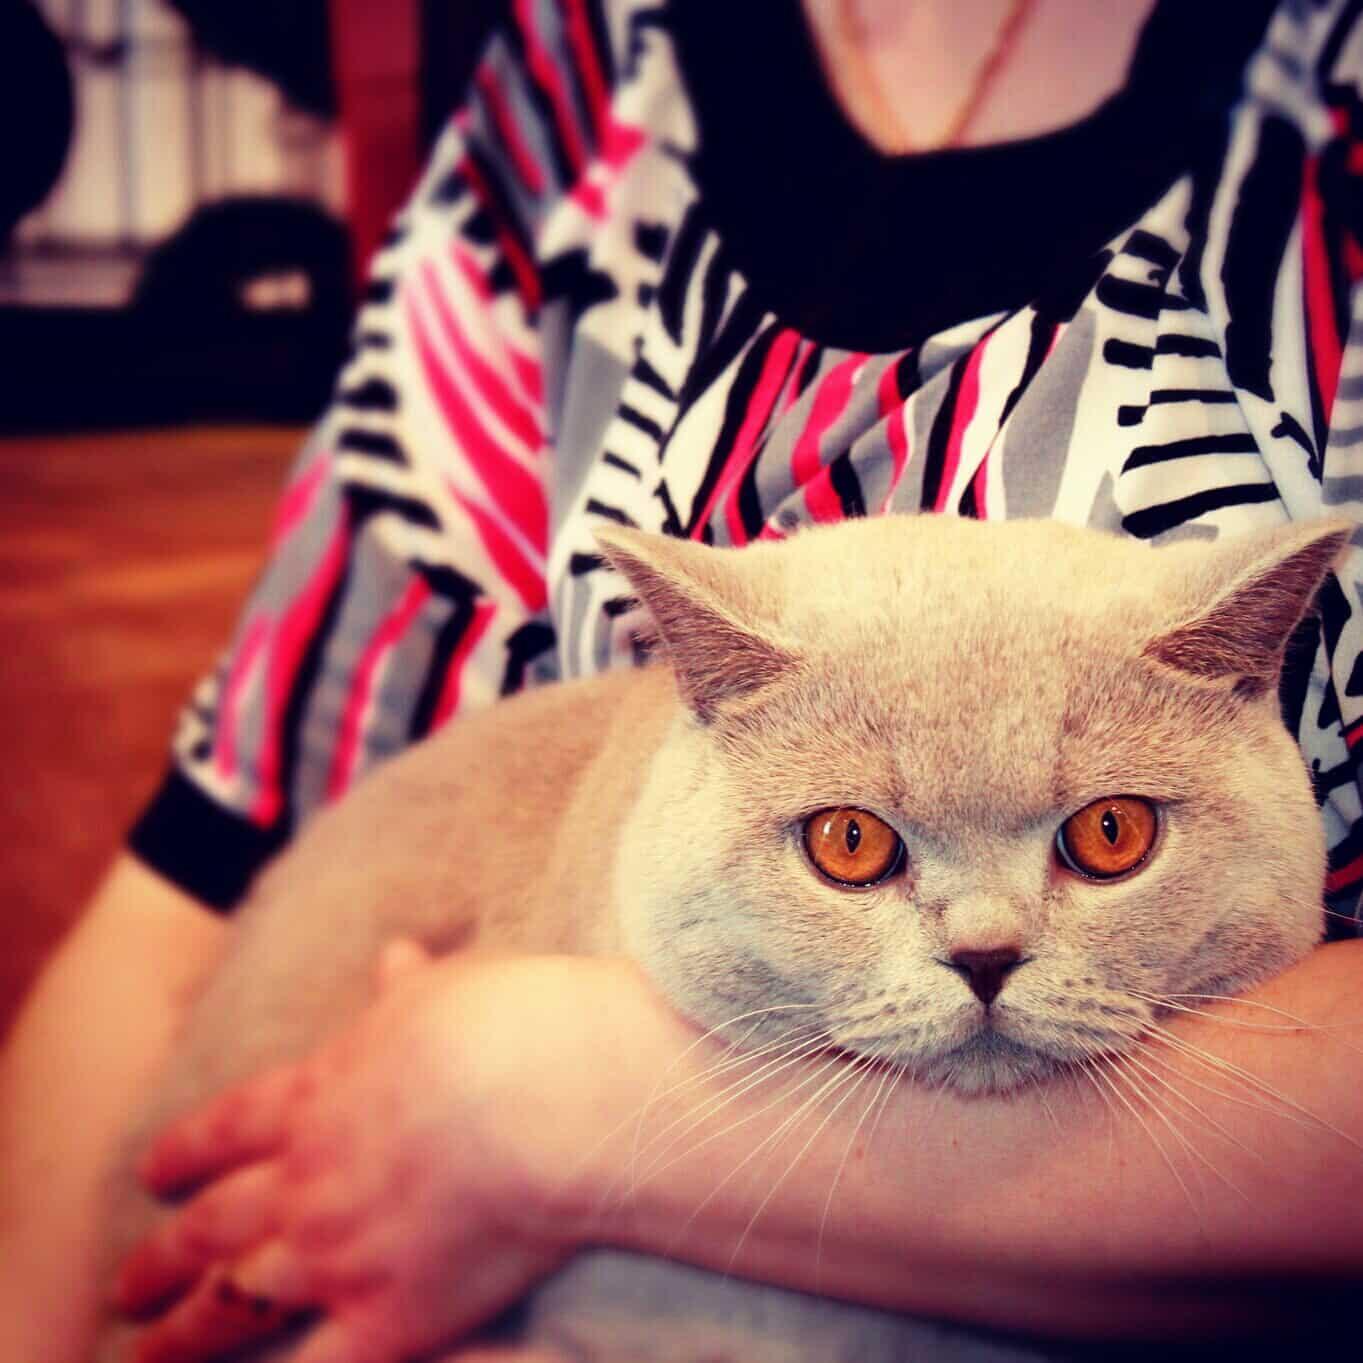 Чья-то кошка в мыслях о сосиске